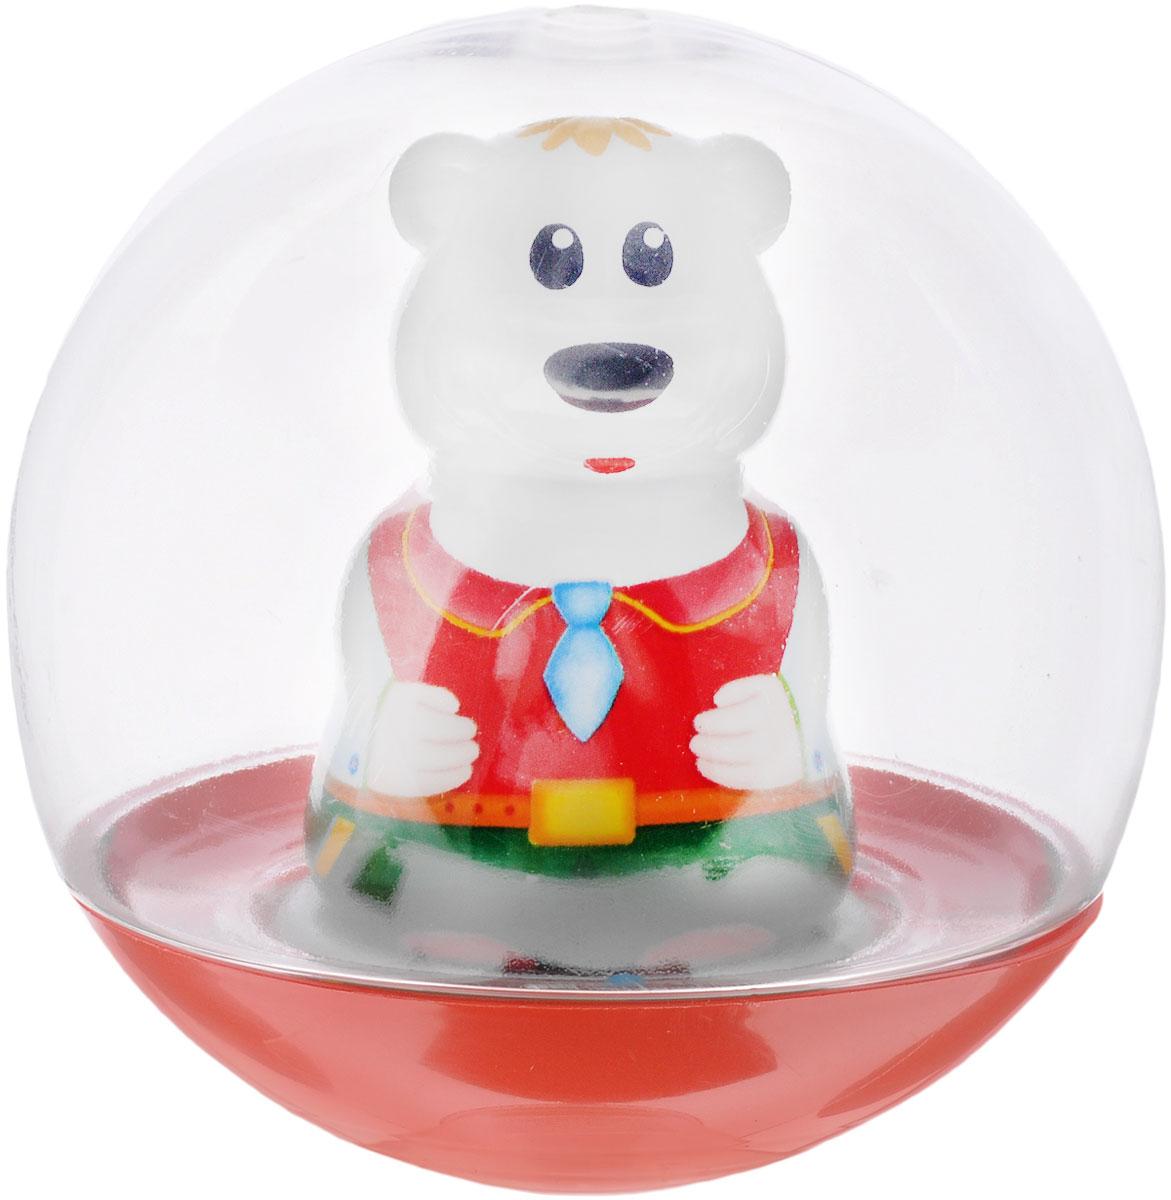 Stellar Погремушка-неваляшка Мишка цвет красный галстук голубой1579_красный_голубой галстукПогремушка-неваляшка Stellar Мишка не позволит скучать вашему малышу на улице, дома и во время водных процедур. Игрушка выполнена из пластика в виде симпатичного медвежонка в прозрачном шаре. Неваляшка забавно покачивается под приятный звук погремушки, развлекая малыша. Игра с неваляшкой способствует развитию мелкой моторики, координации, слуха и цветового восприятия.